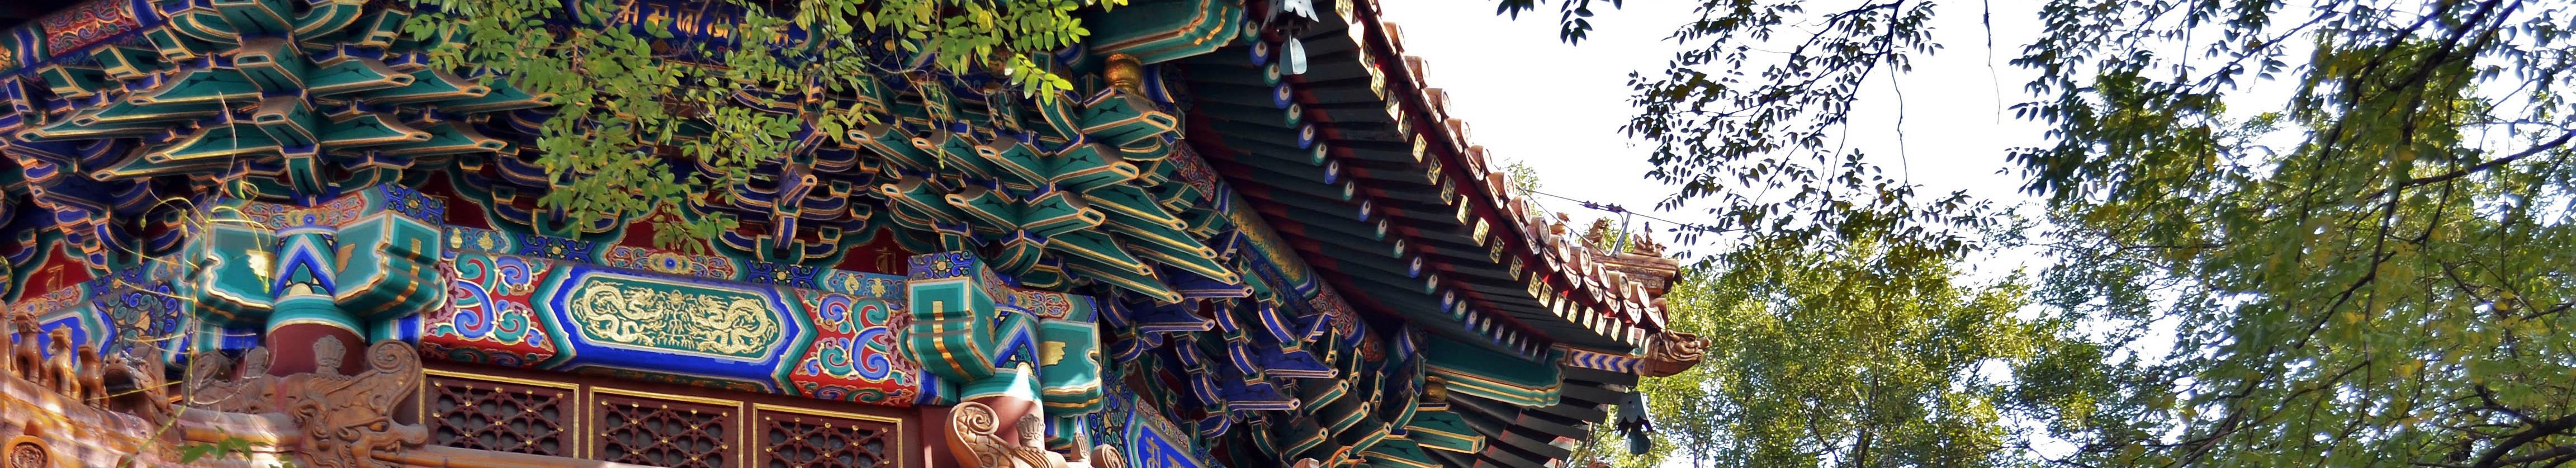 Гранд-тур в Китай<br> Пекин — Лоян — Сиань — Сучжоу — Шанхай<br> 2020 год